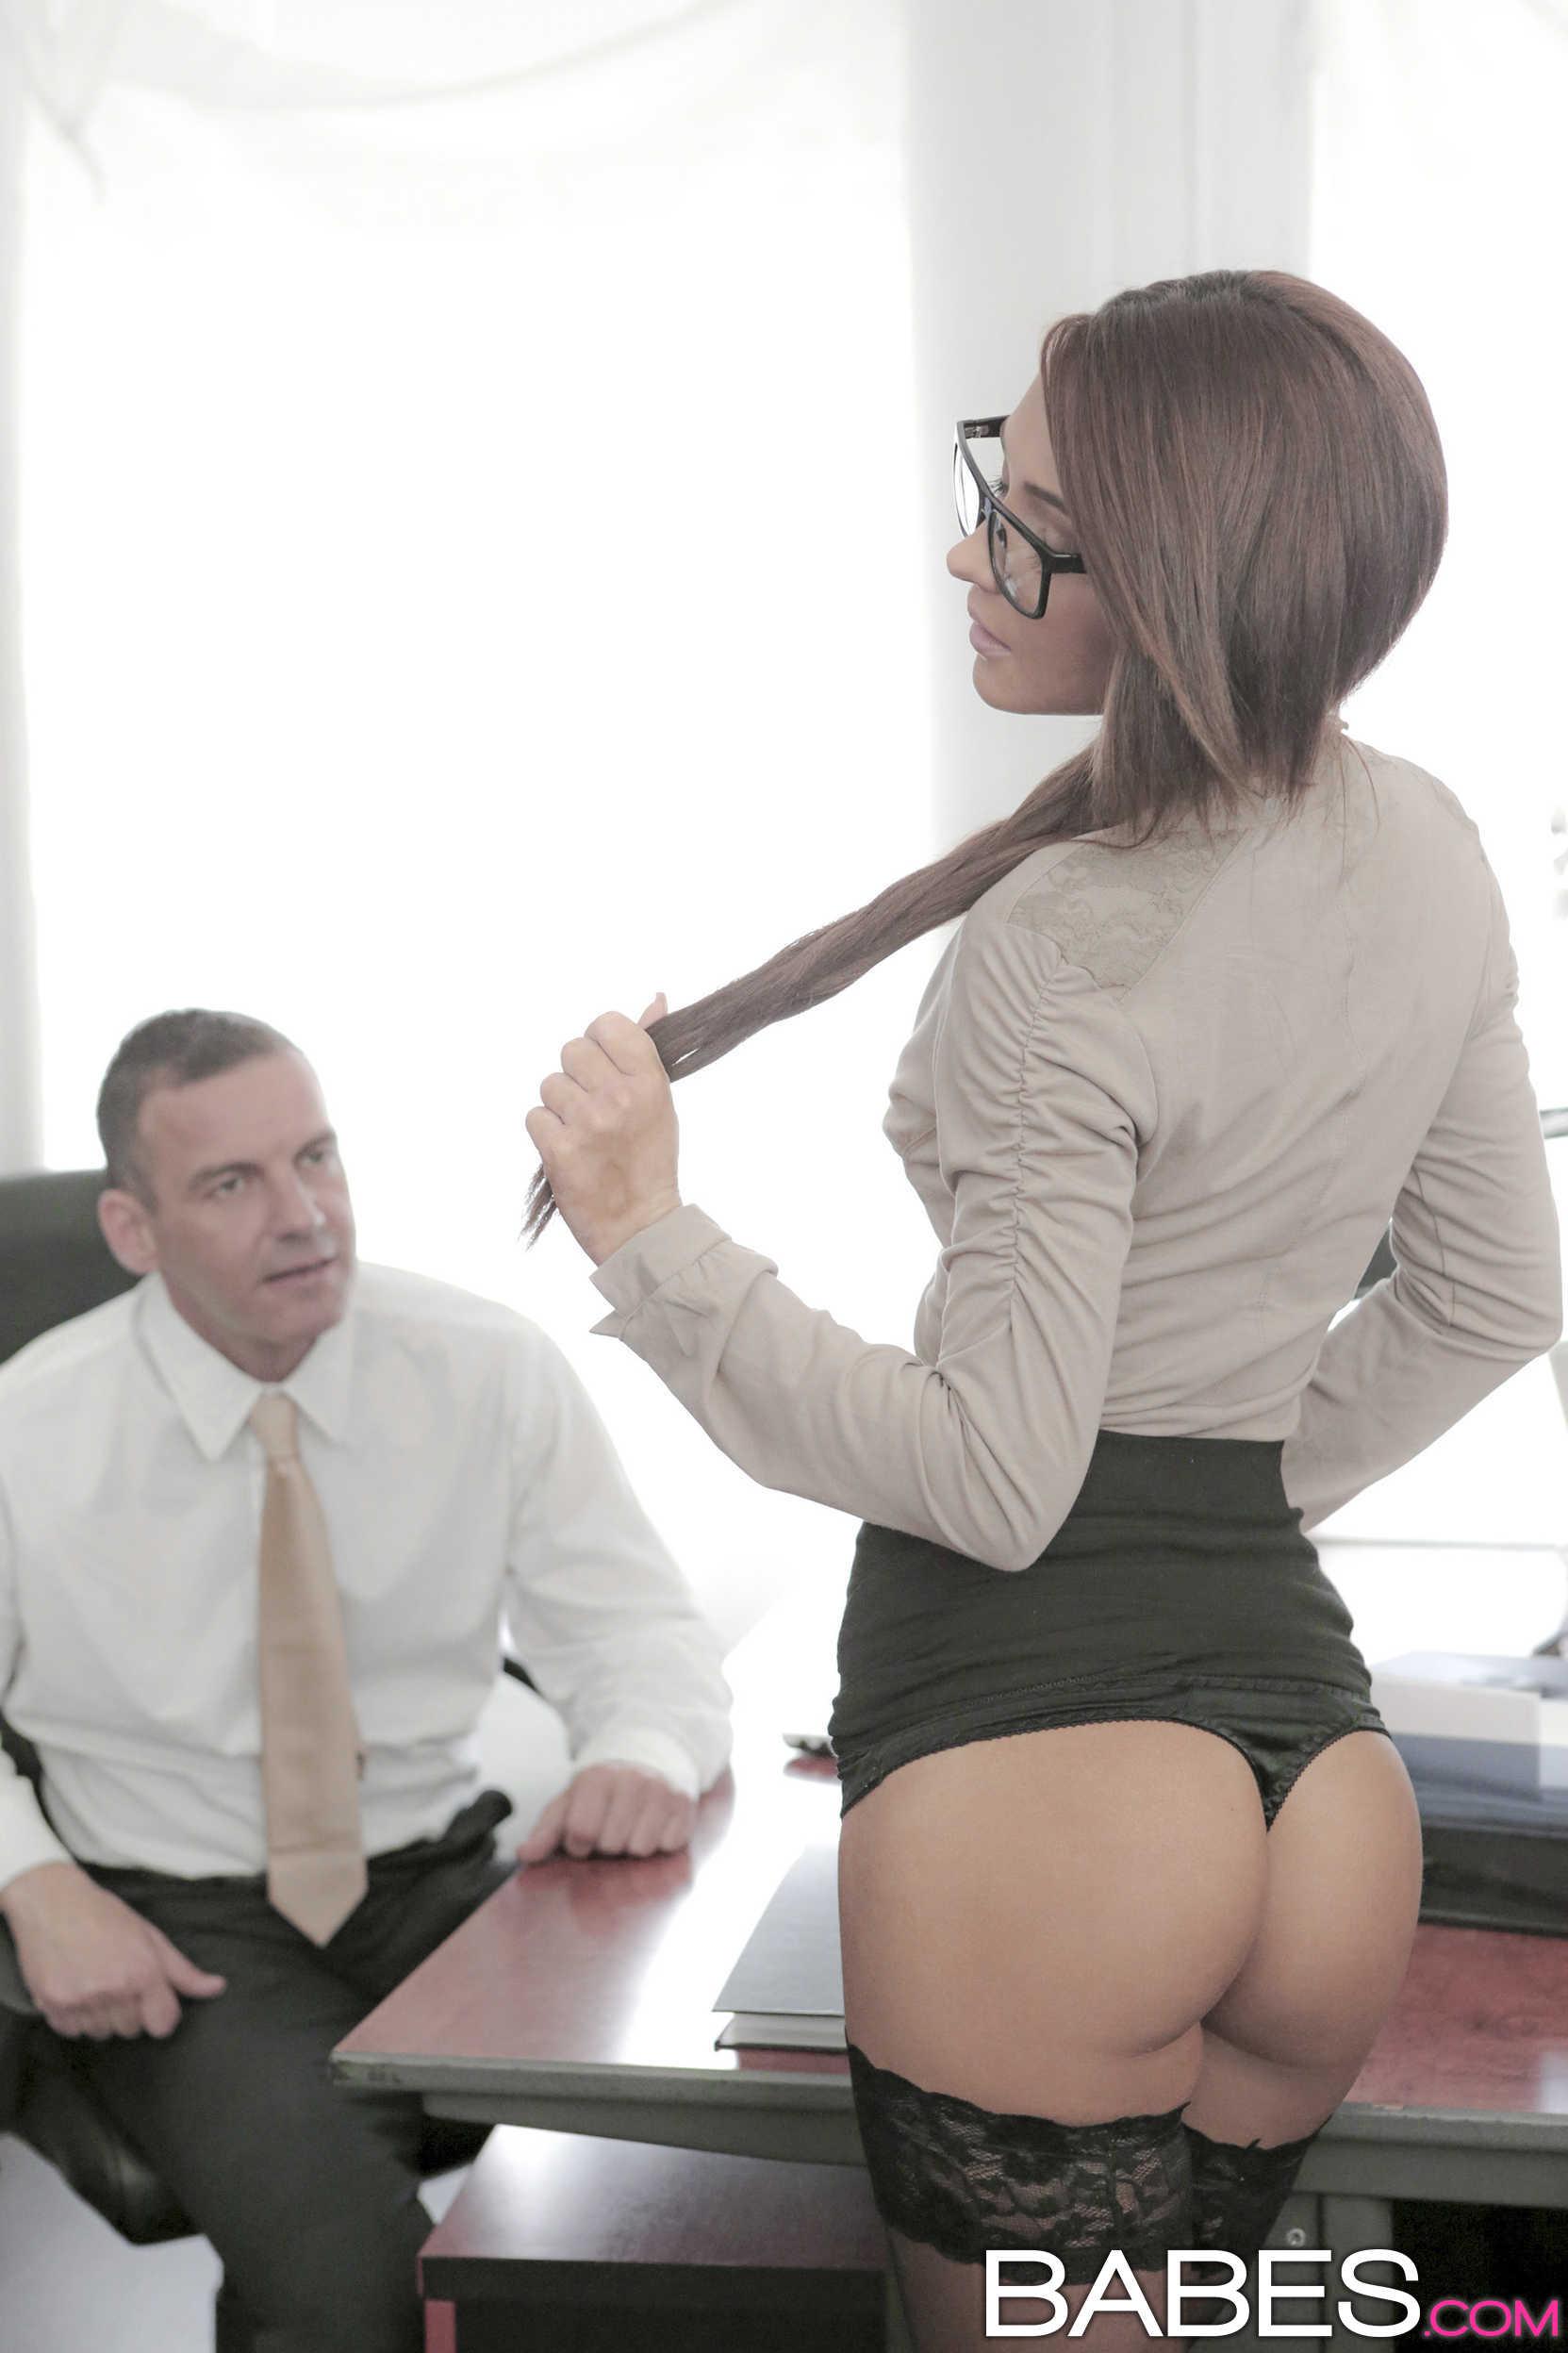 Секс на рабочем месте россия 24 фотография